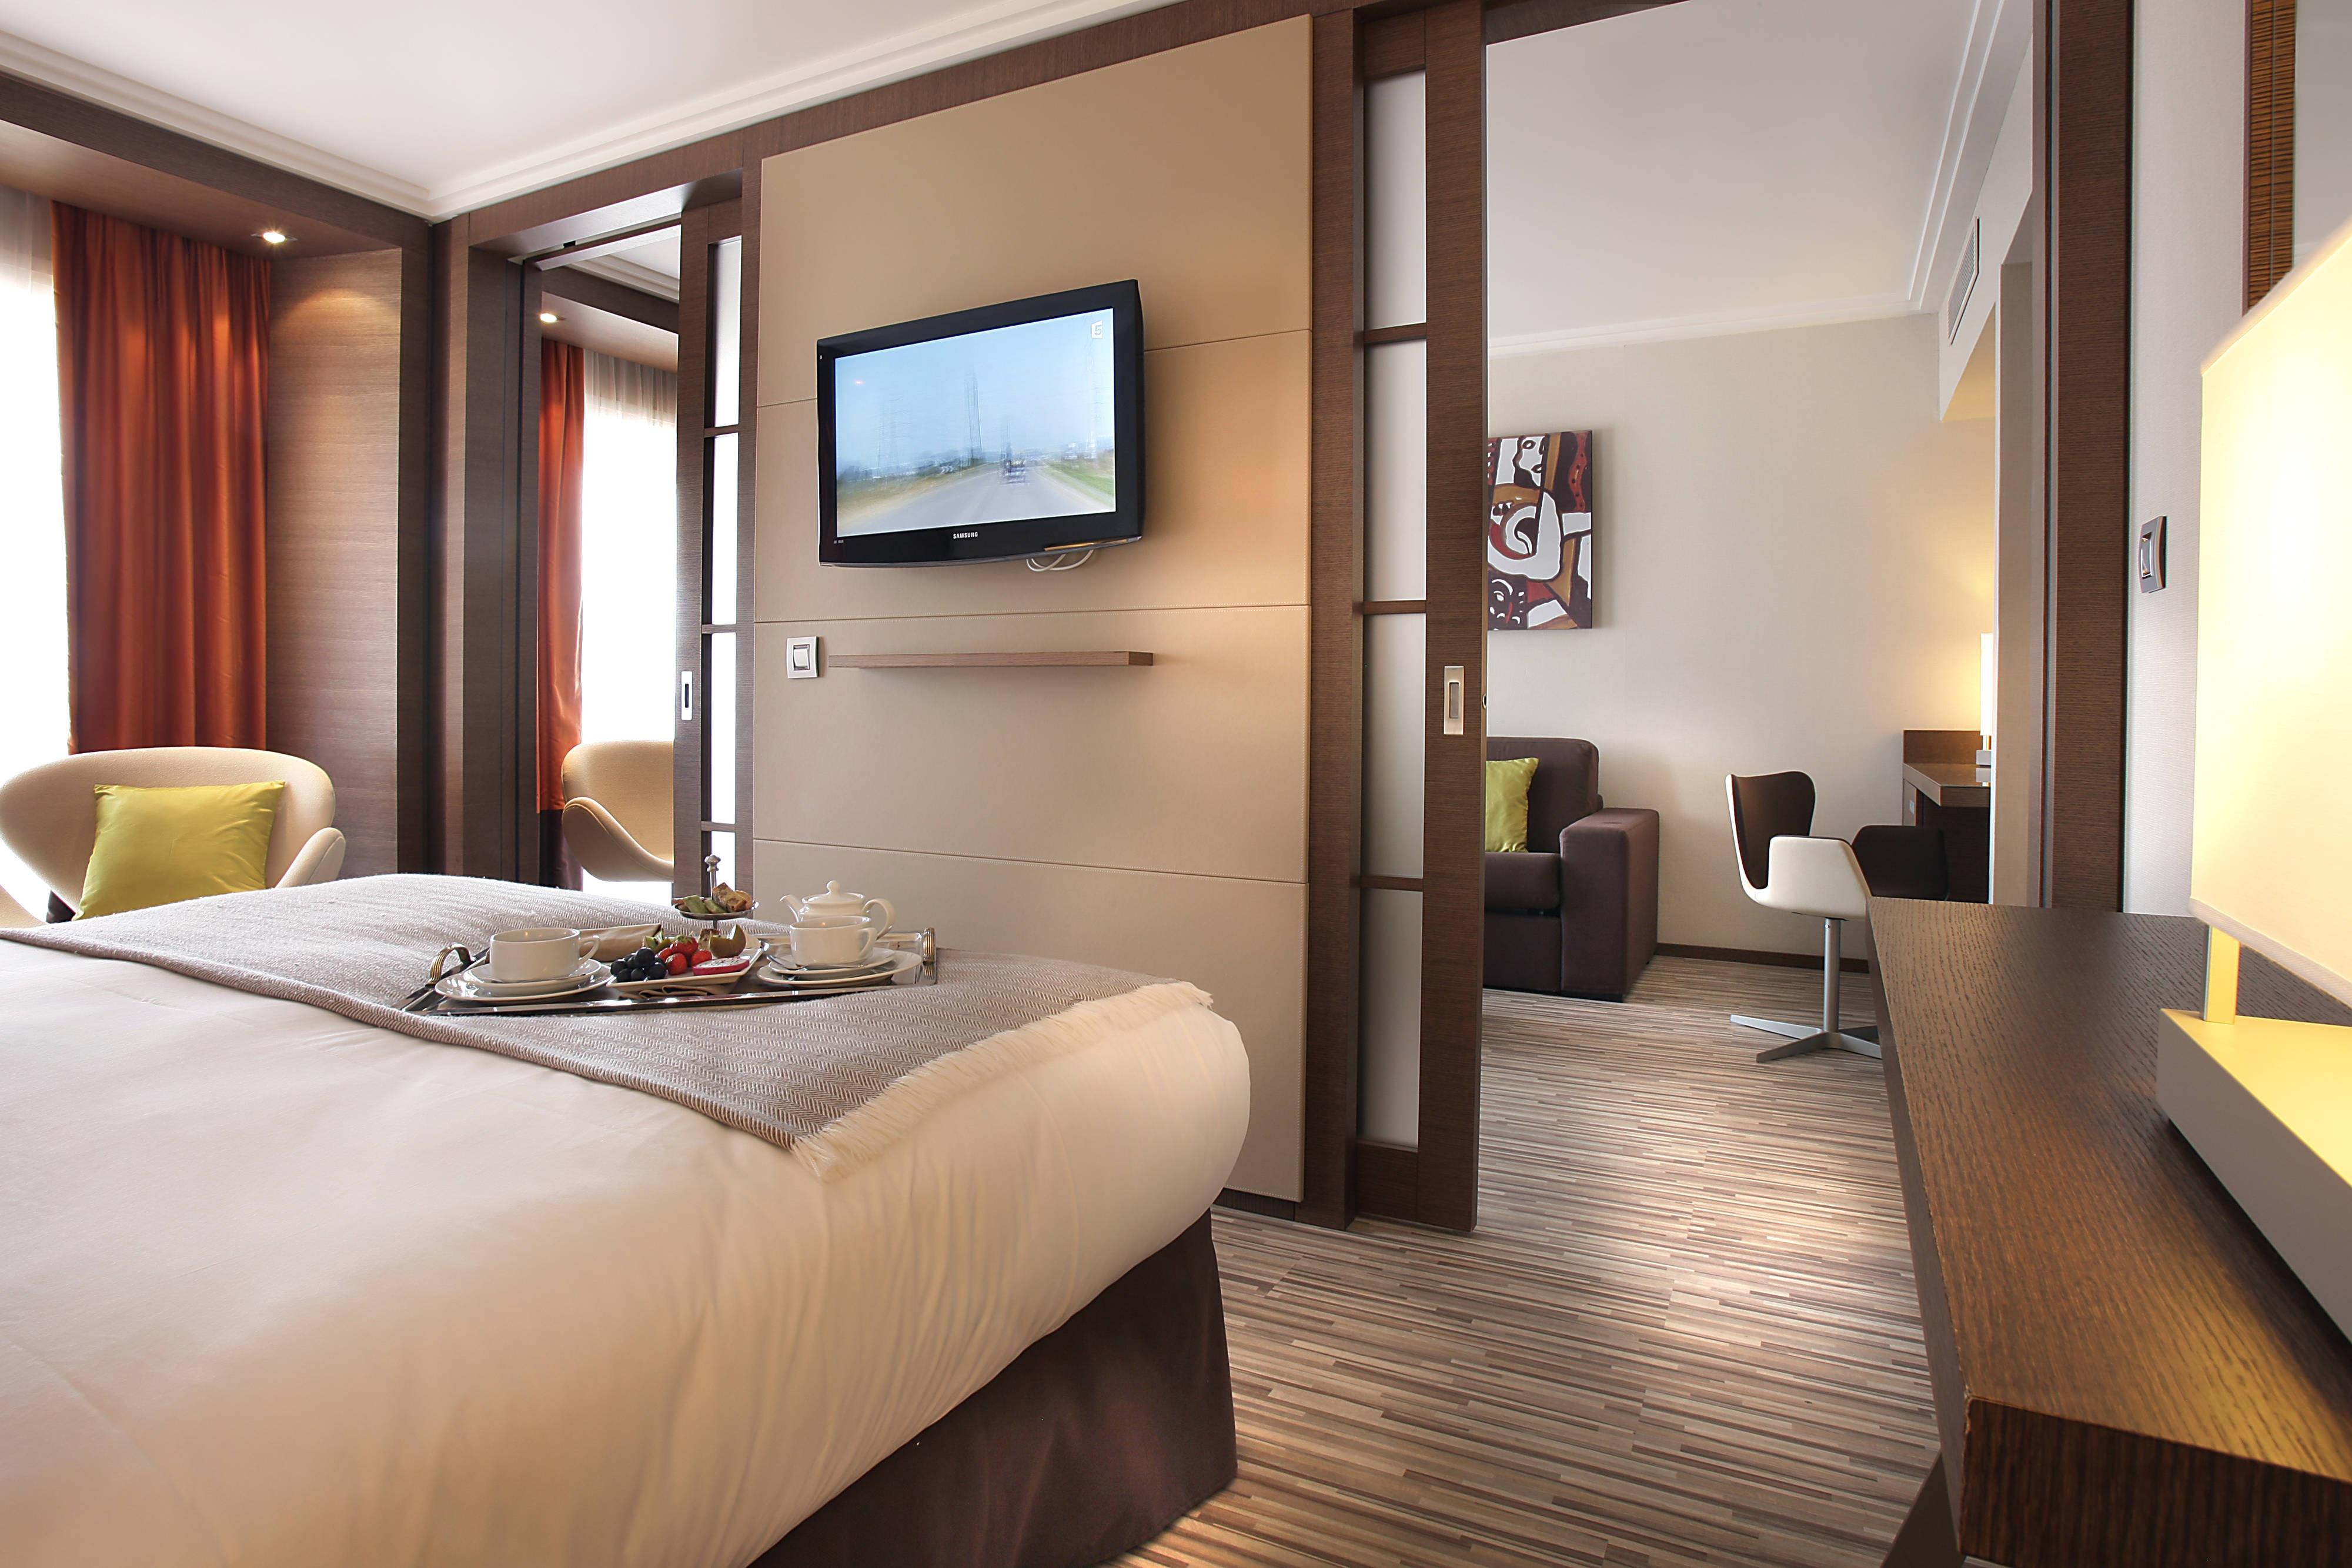 Chambres d'hôtel de luxe à Antibes